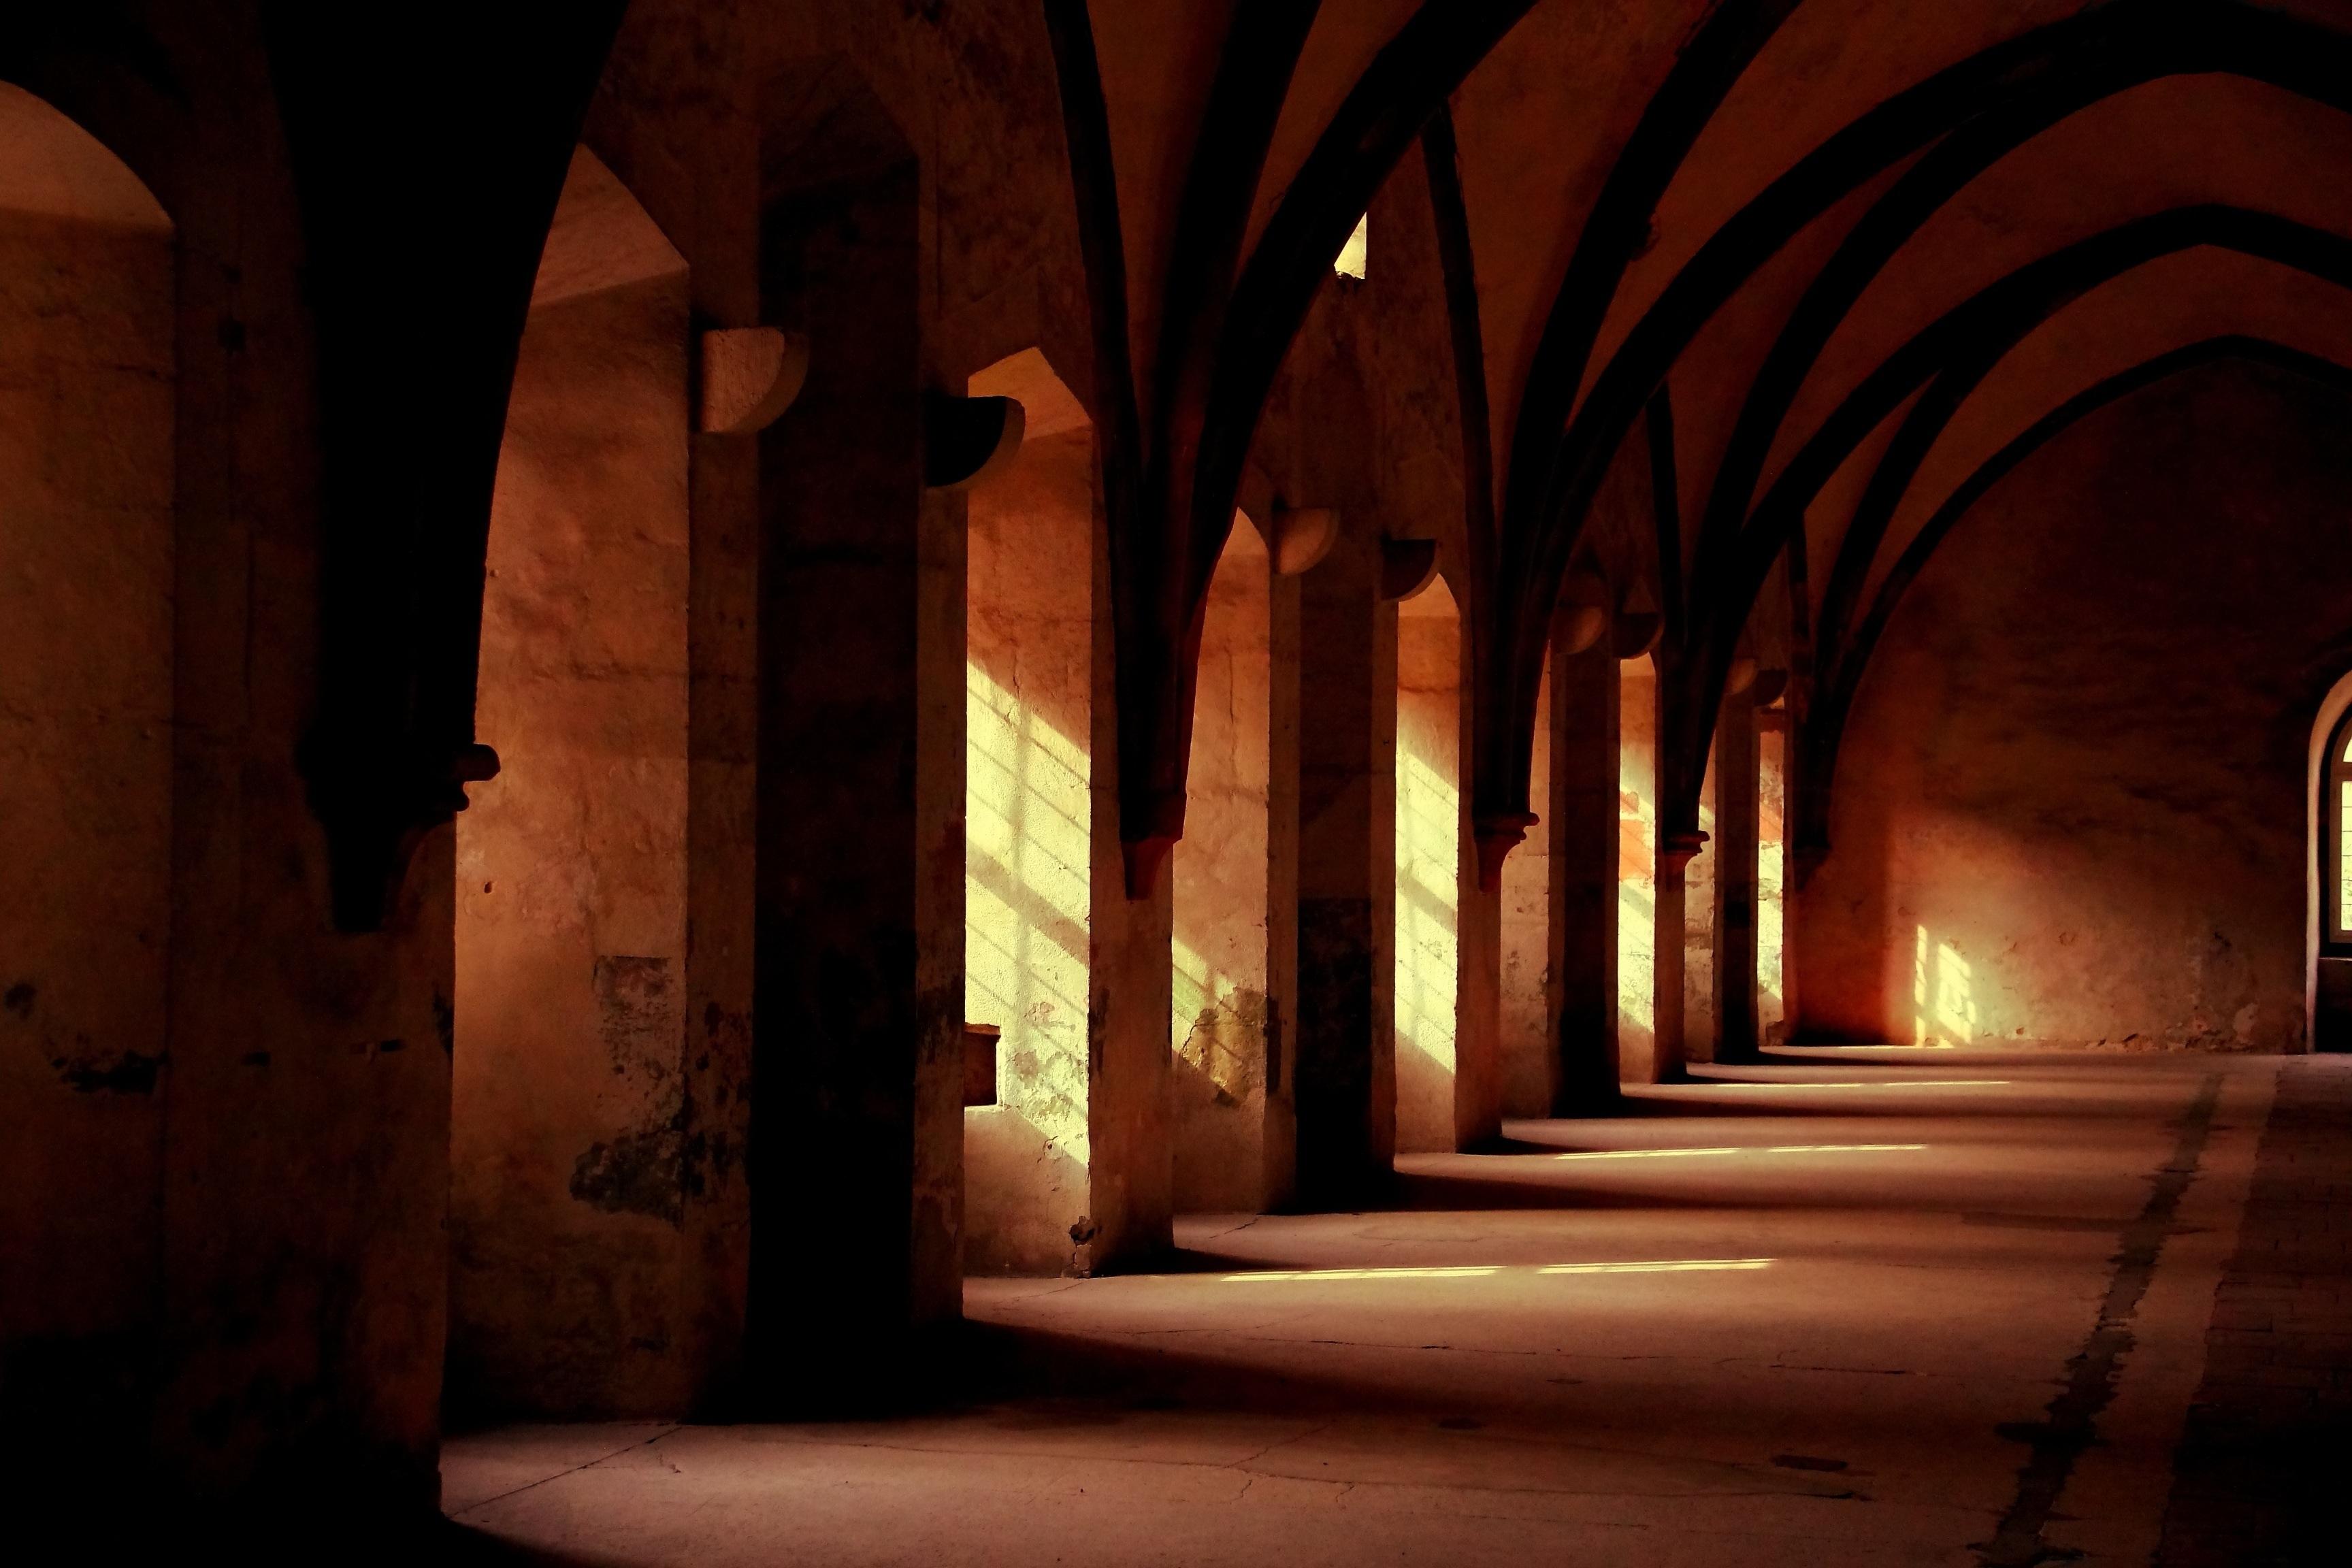 Gratis afbeeldingen : licht architectuur nacht zonlicht